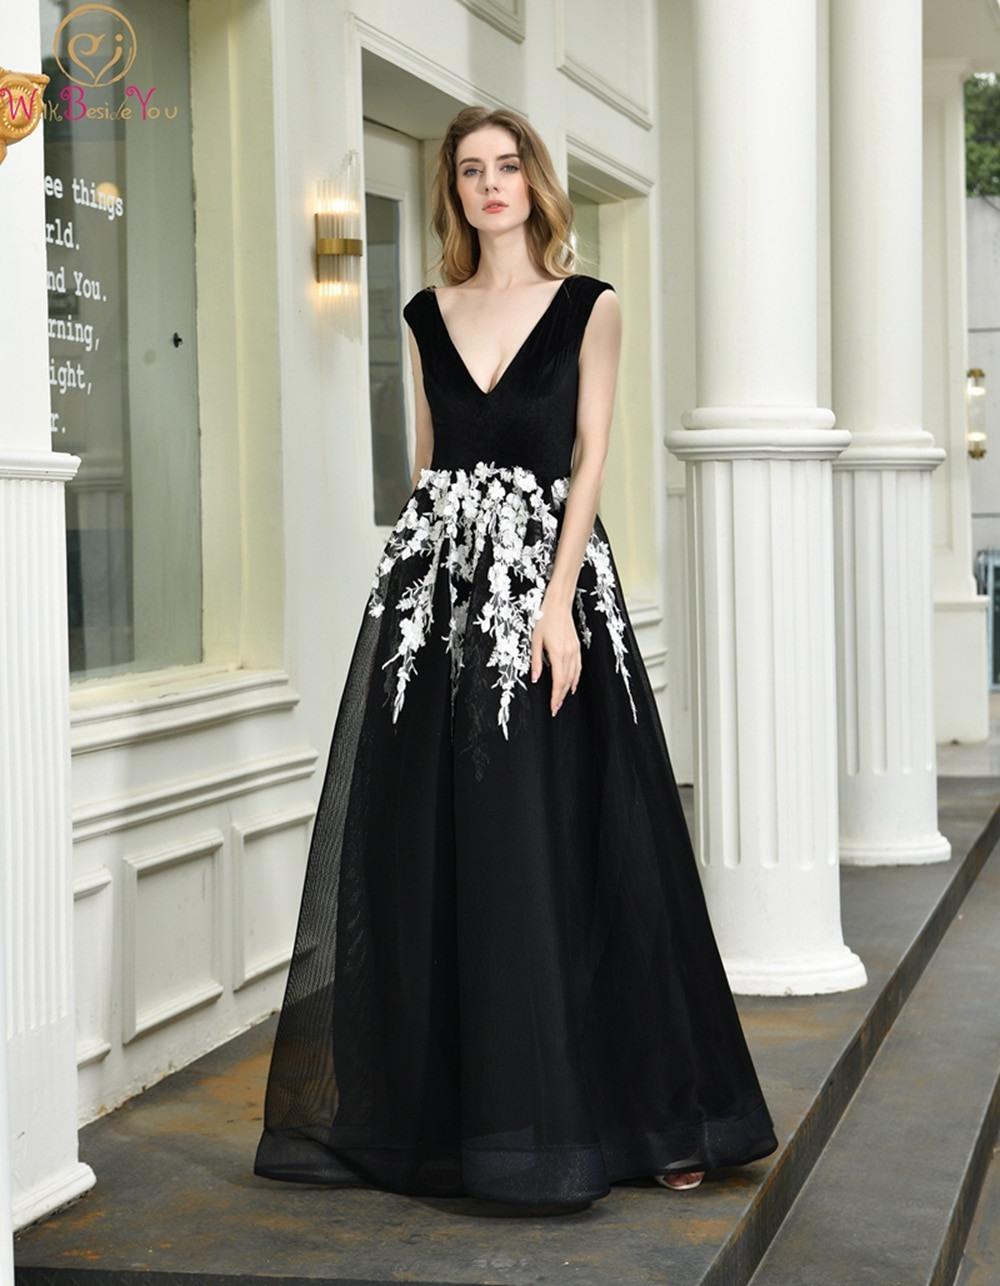 Formal Ausgezeichnet Abendkleider Vintage StylishAbend Perfekt Abendkleider Vintage Vertrieb